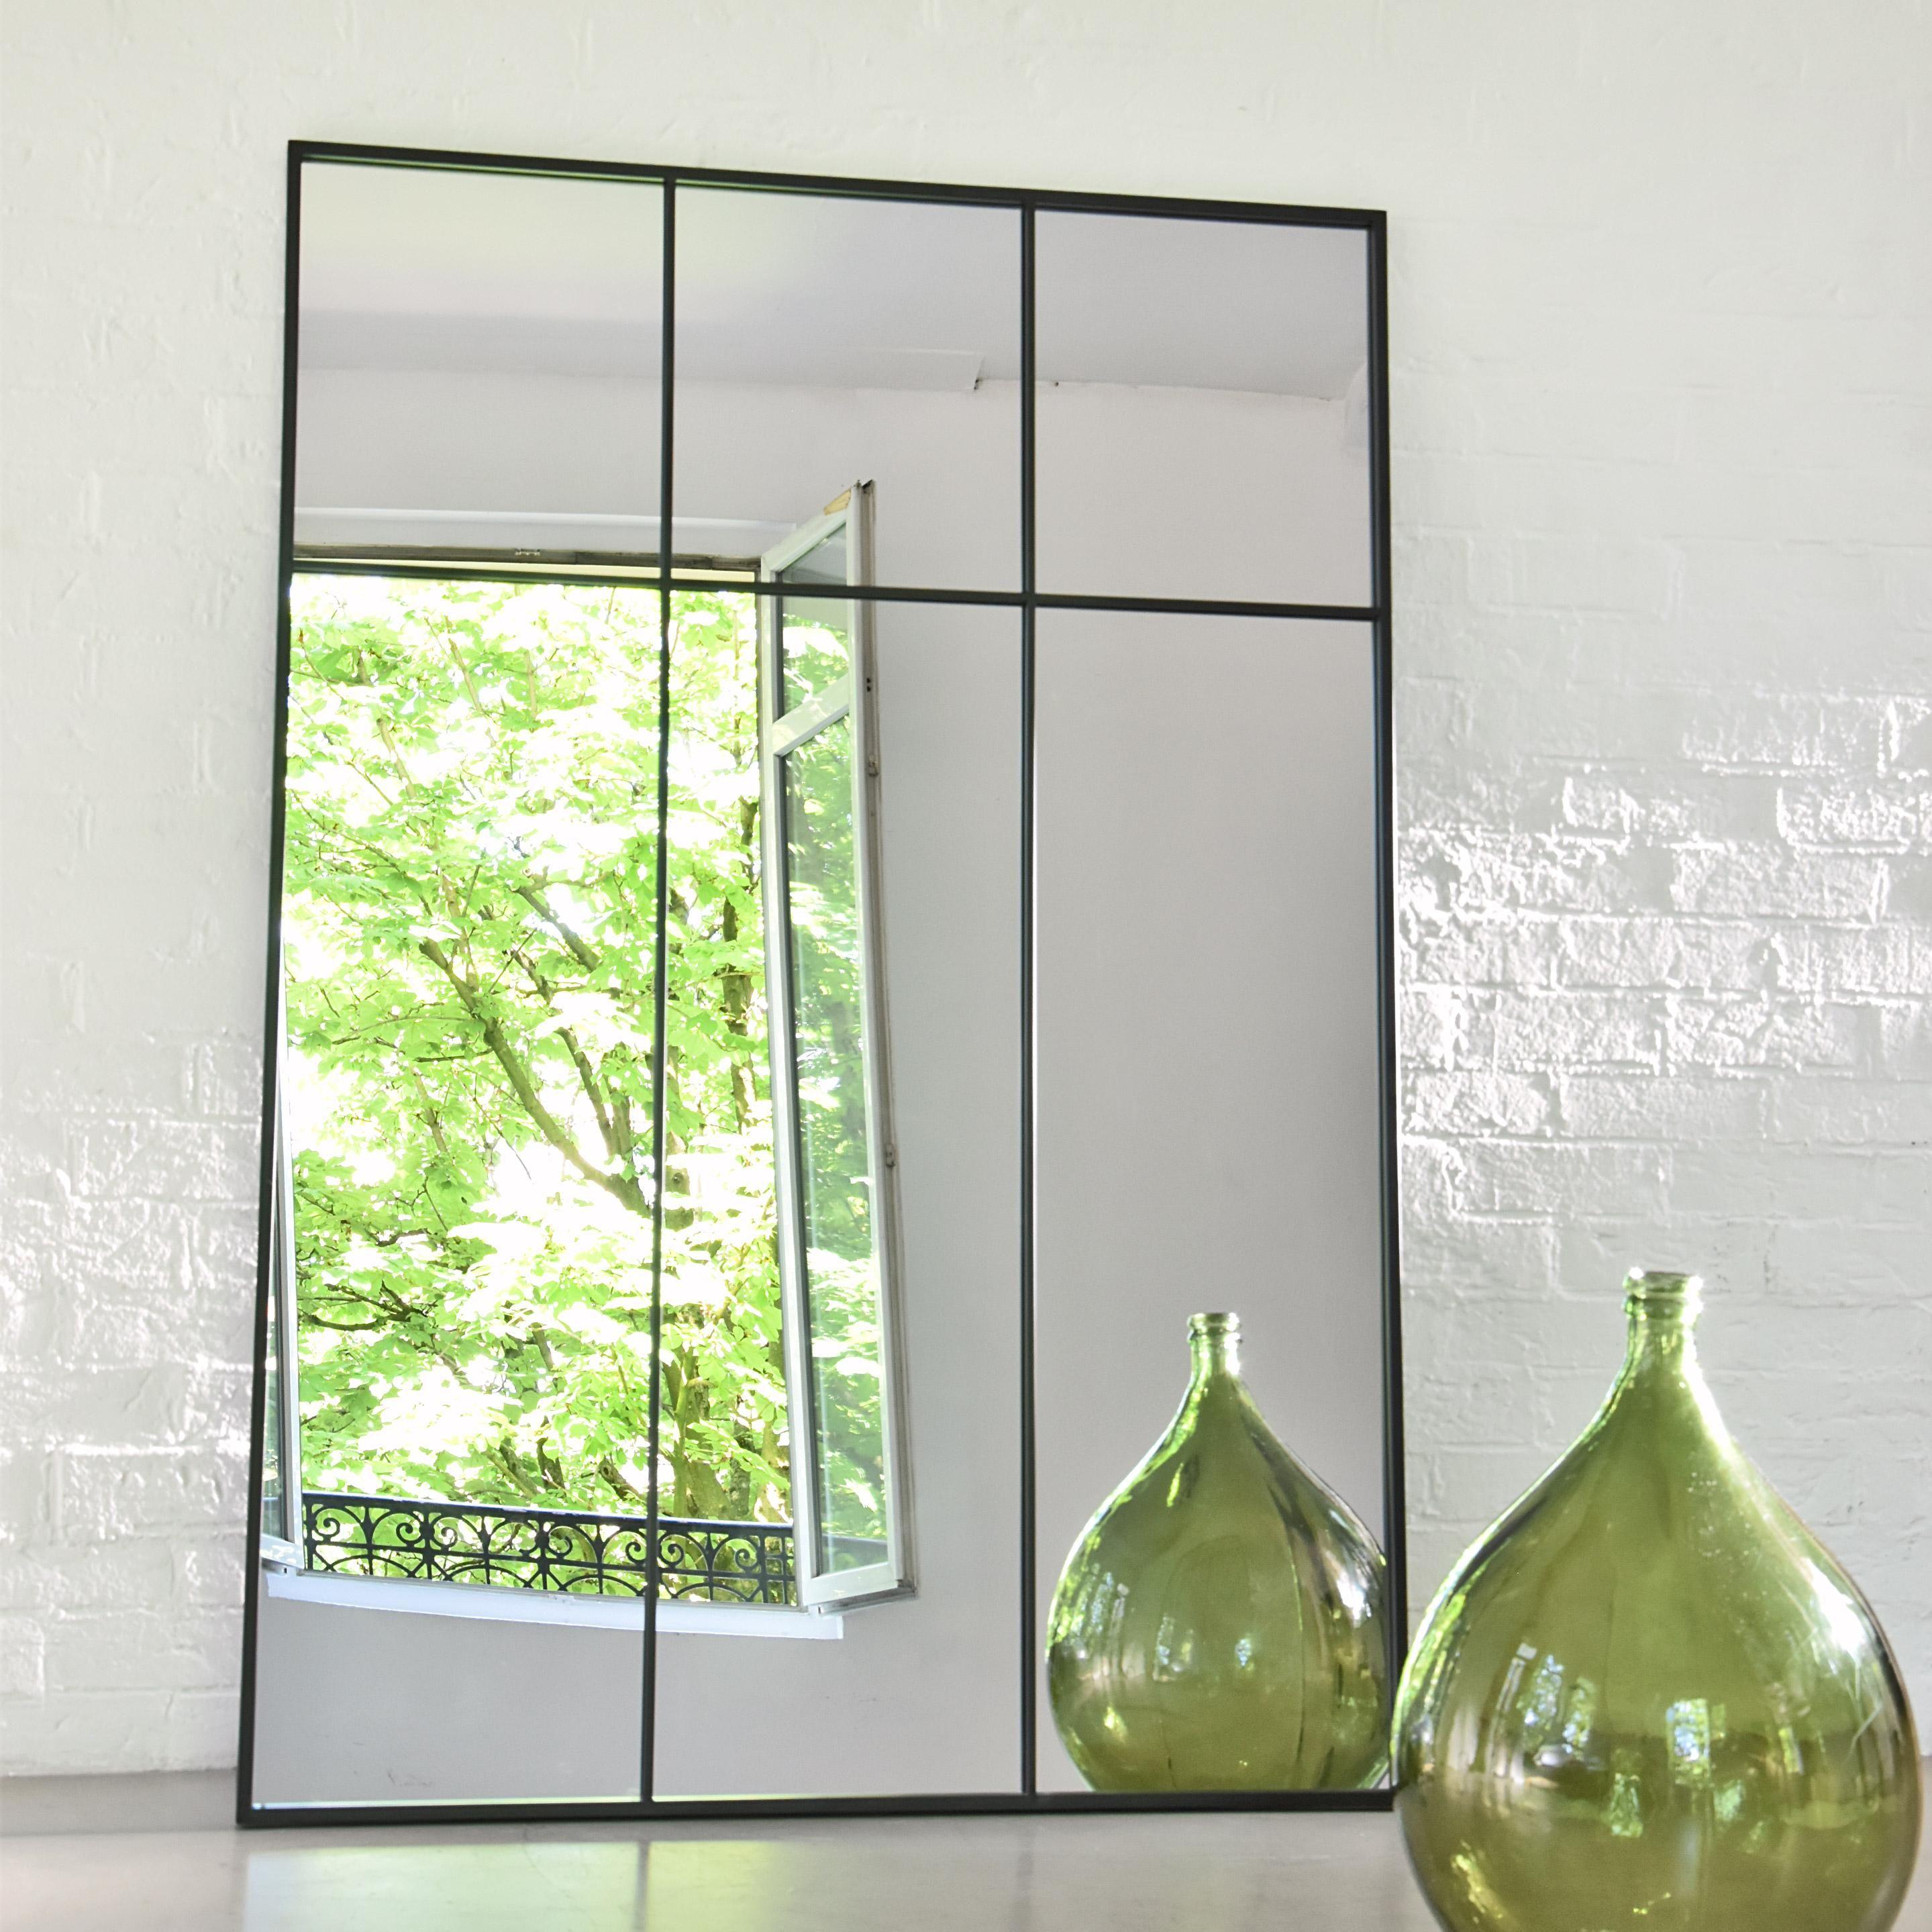 Miroir Rectangulaire Atelier Verriere Xxl Noir L 105 X H 150 Cm Miroir Atelier Decorer Un Couloir Miroir Rectangulaire